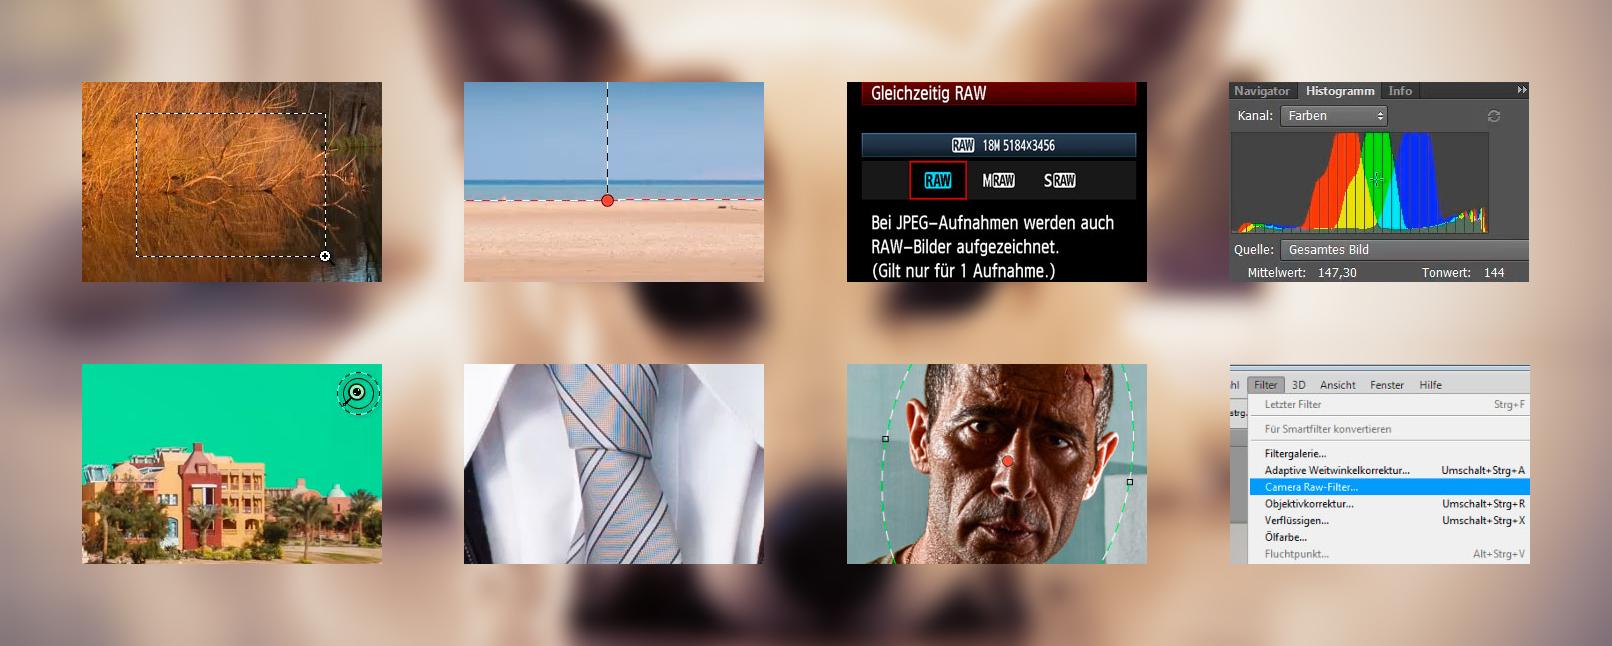 Beispielszenen aus dem Tutorial Fotoentwicklung mit Camera Raw – Tutorial zur Raw-Bearbeitung